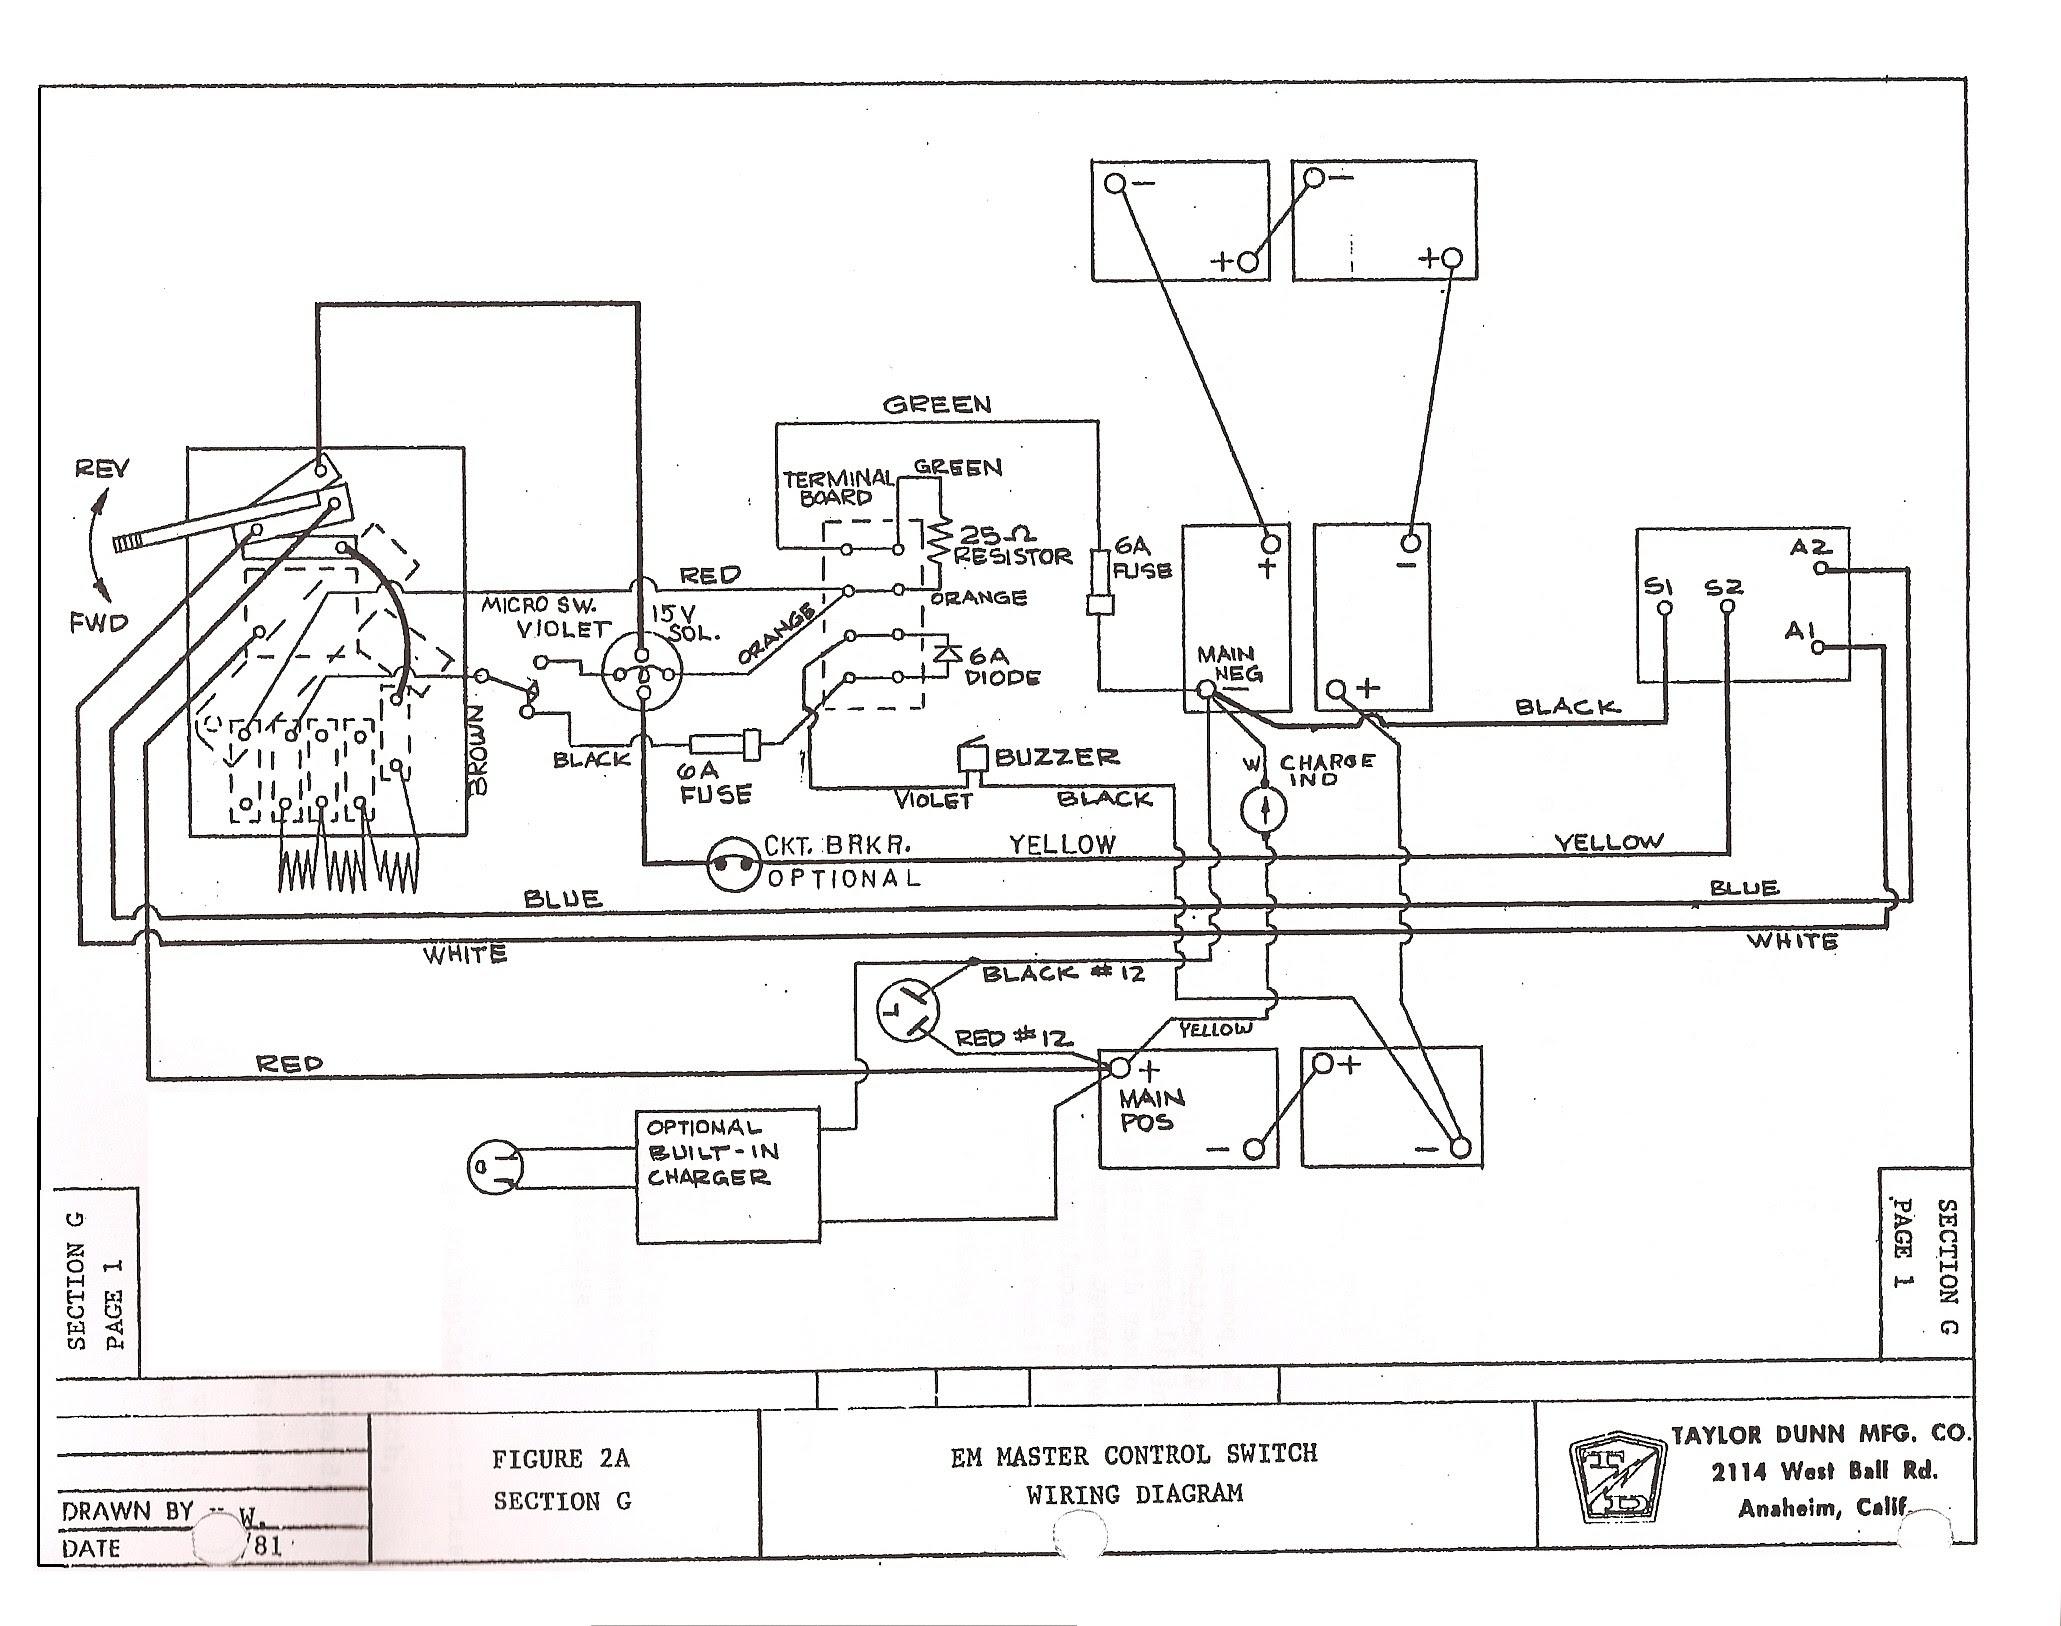 Abf870 1995 Club Car Wiring Diagram Wiring Library